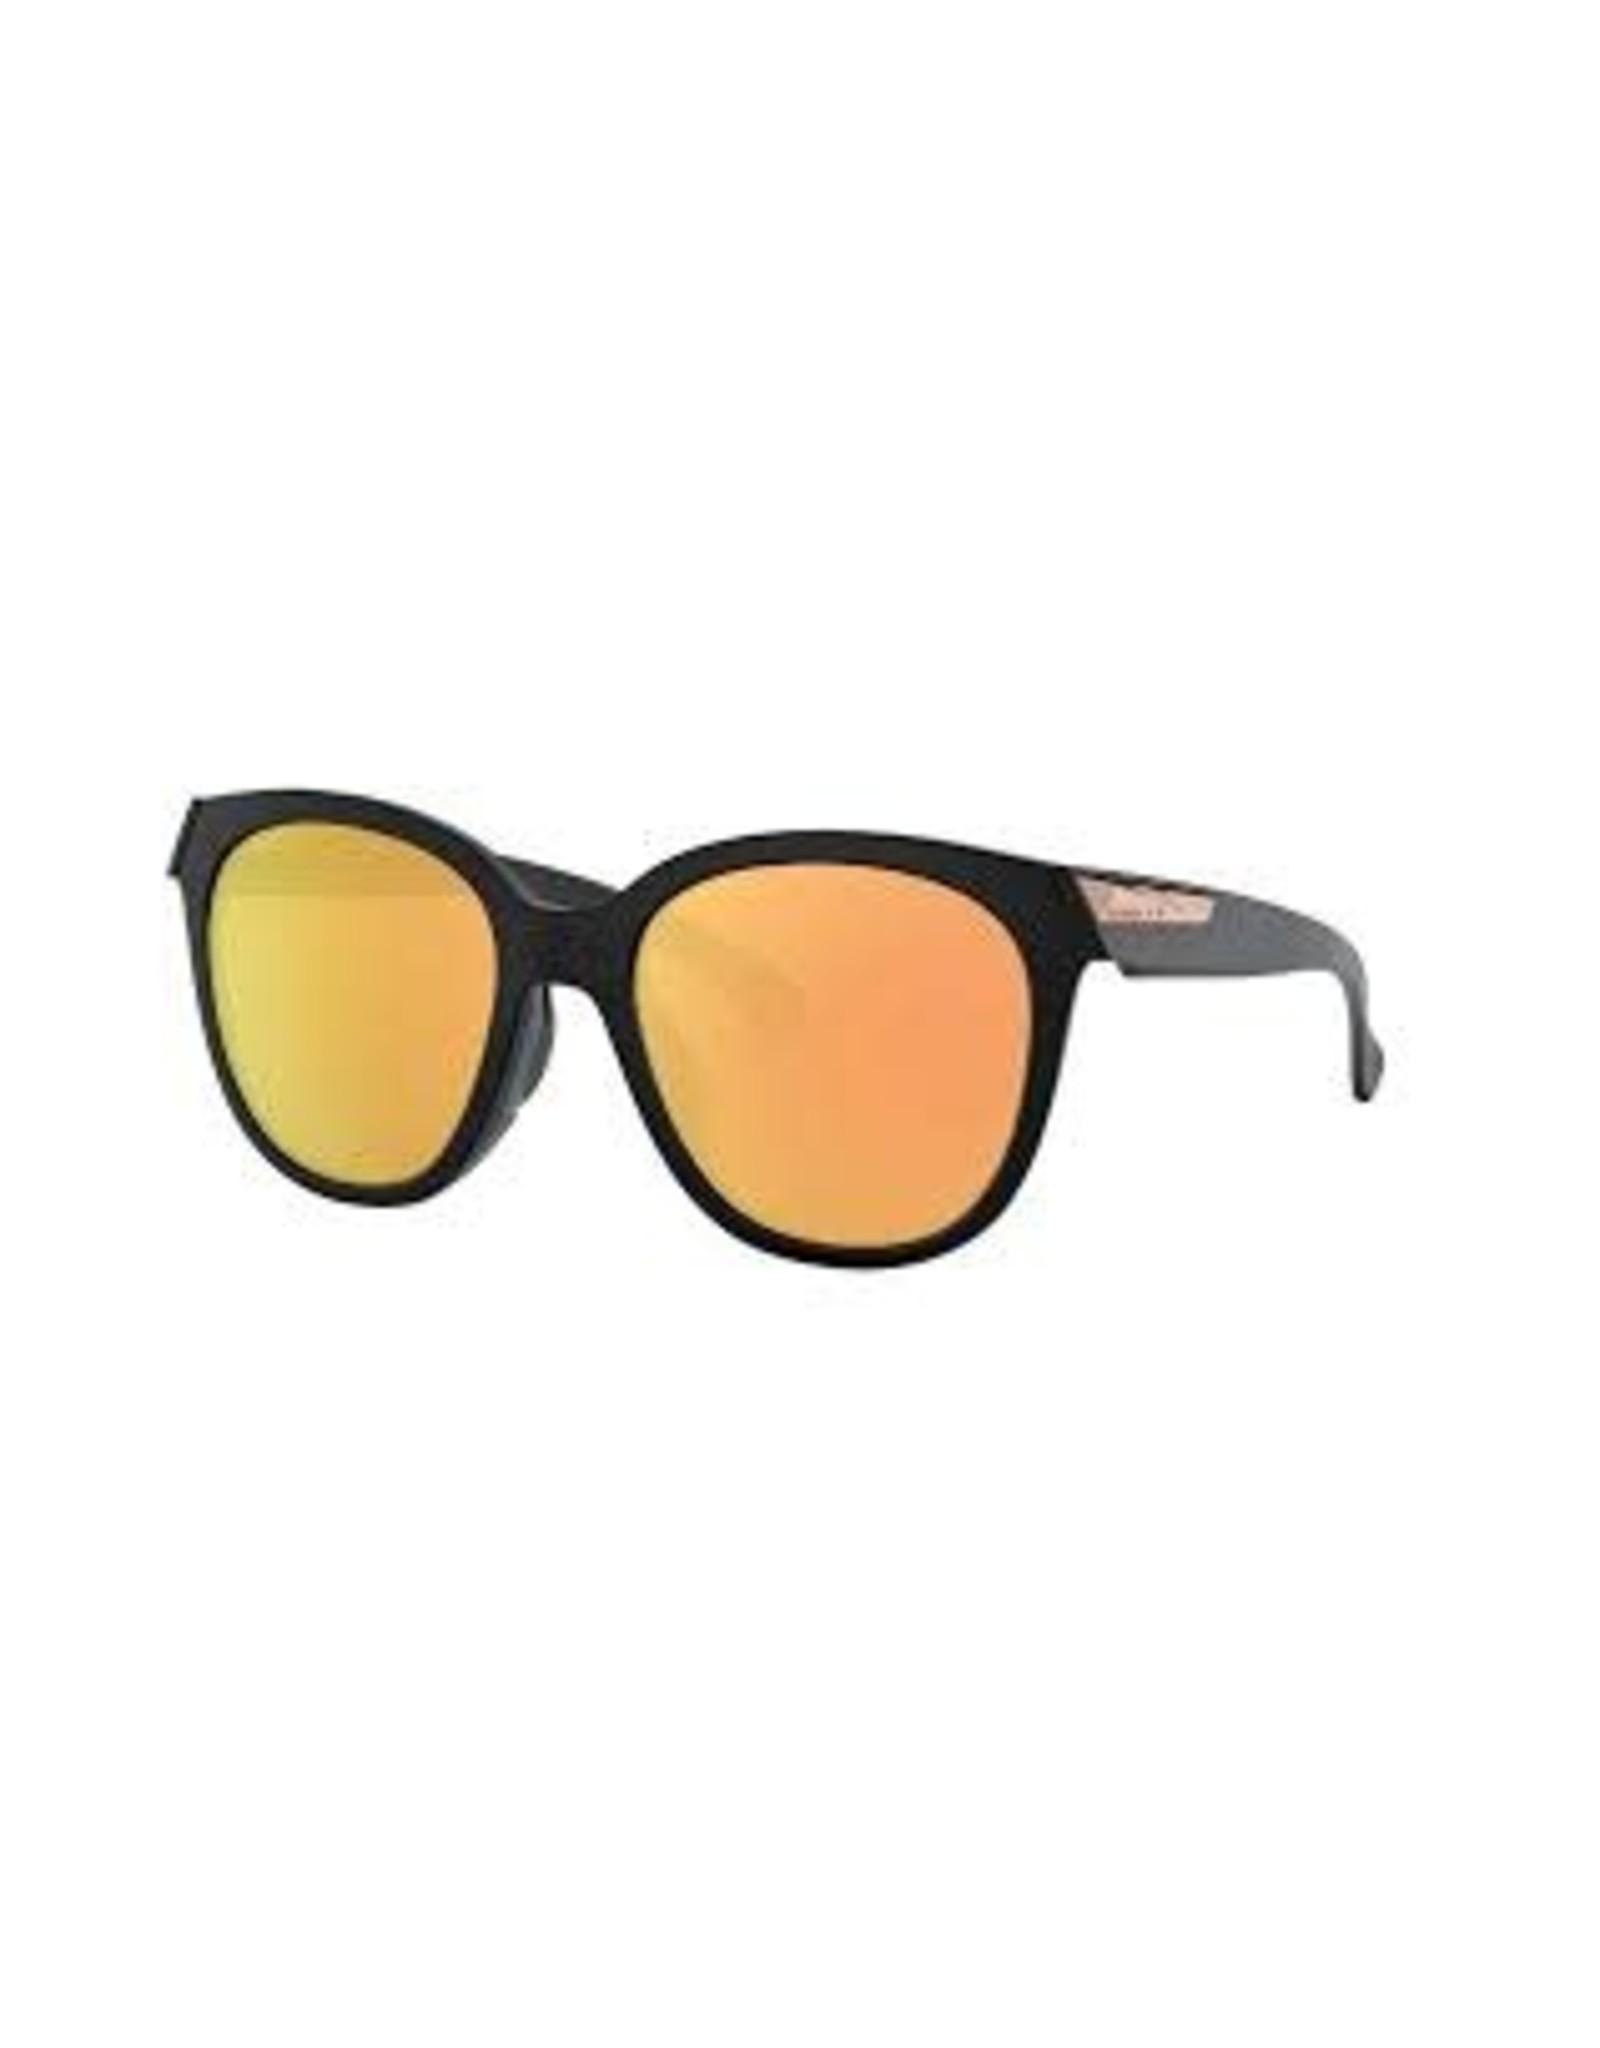 Oakley Oakley - lunette soleil low key matte P